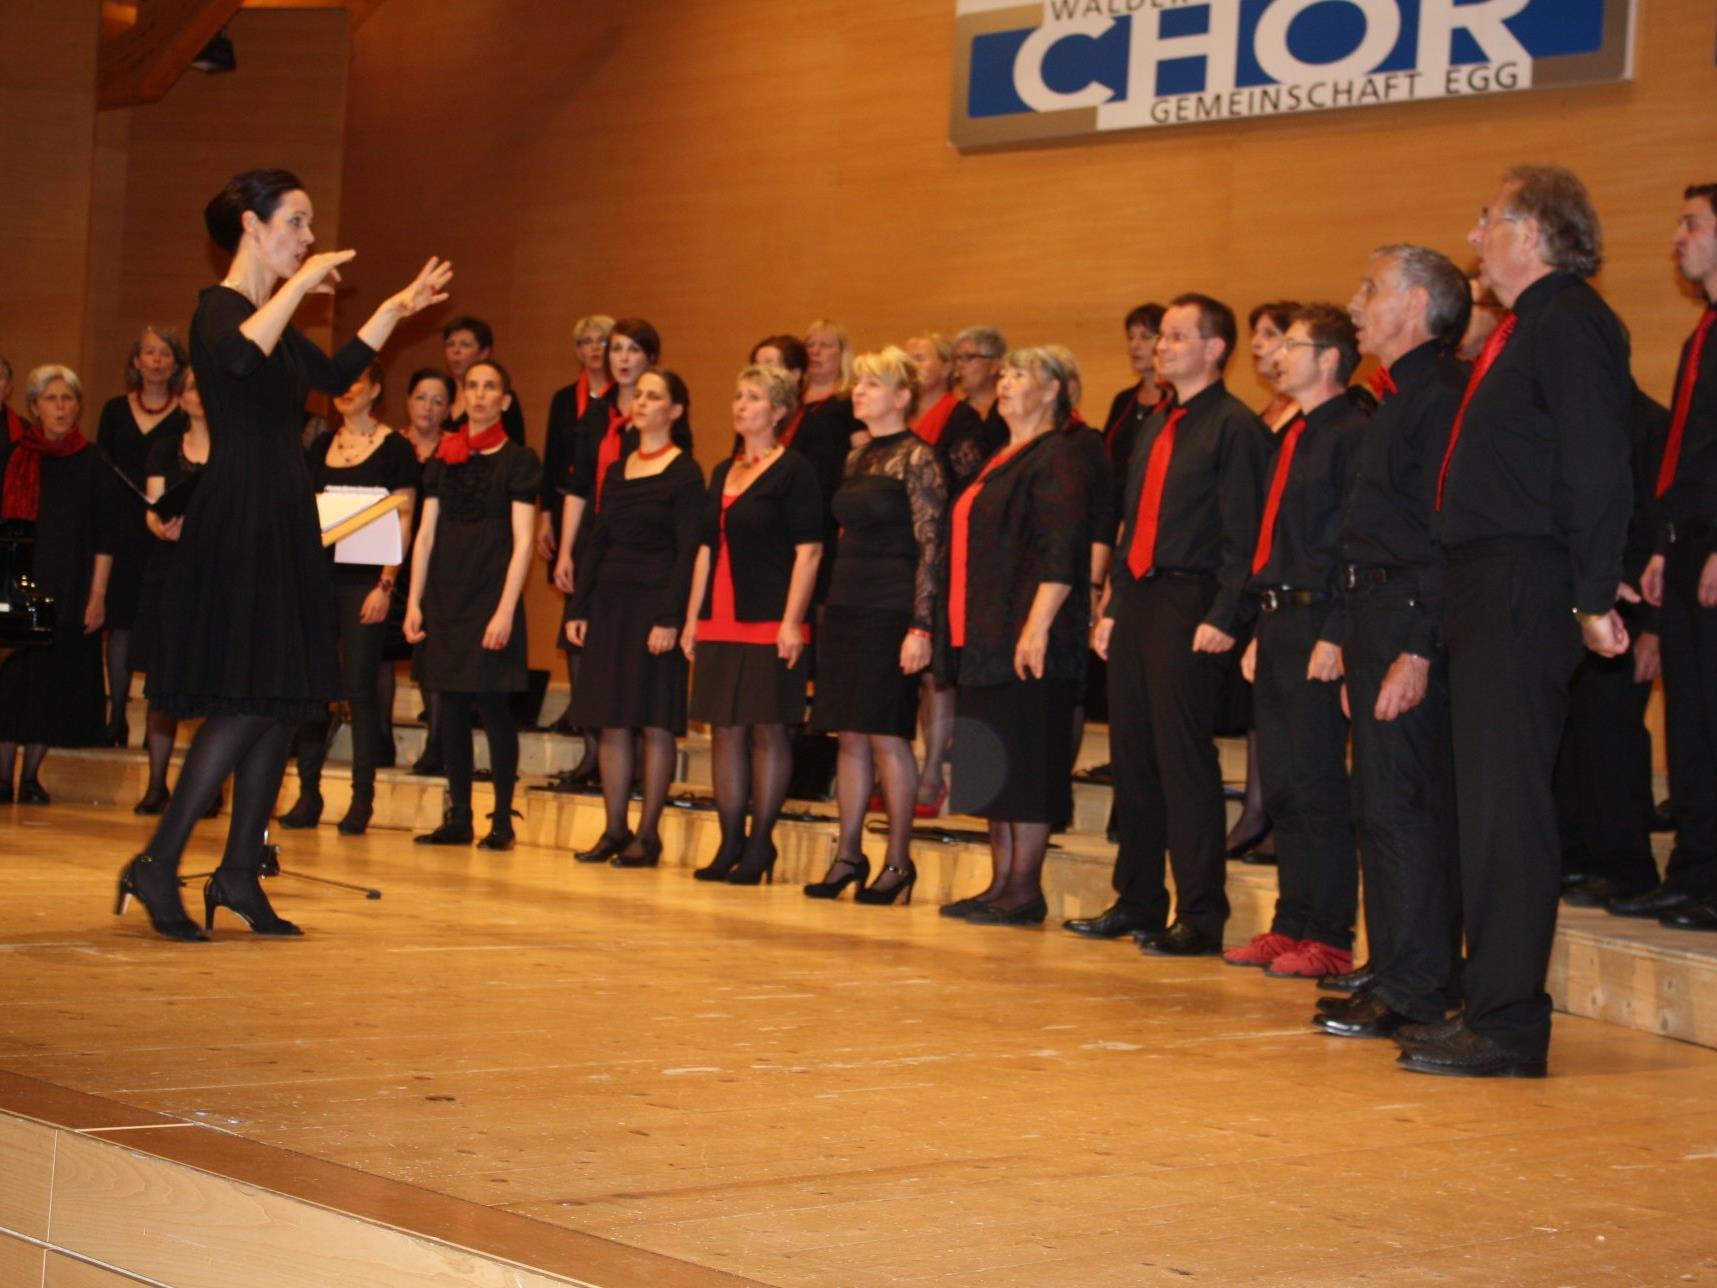 Die Wälder Sängerinnen und Sänger freuen sich auf viele Besucher bei den Konzerten.